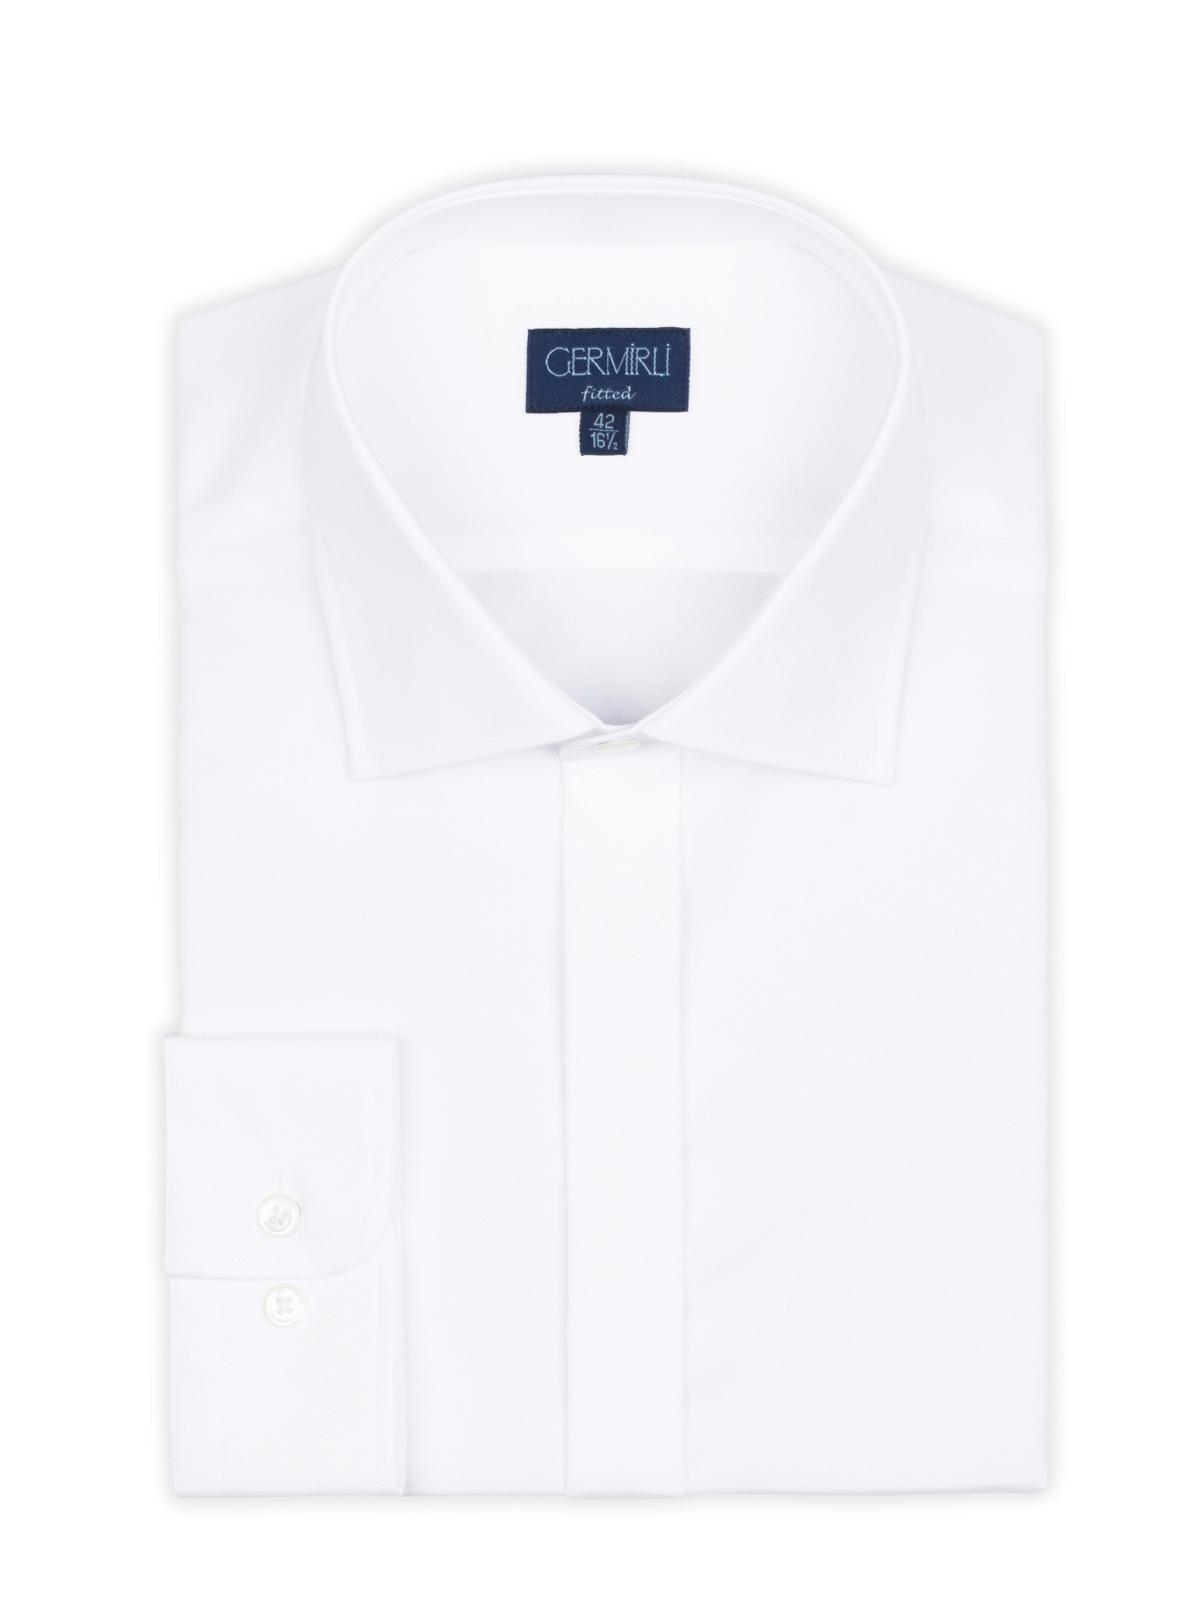 Germirli Beyaz Gizli Pat Klasik Yaka Tailor Fit Gömlek